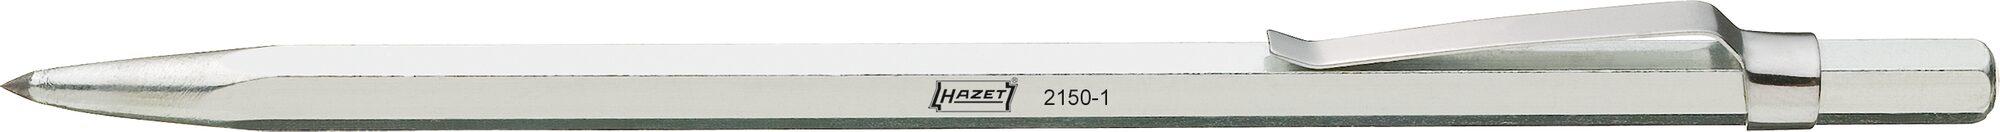 HAZET Reißnadel 2150-1